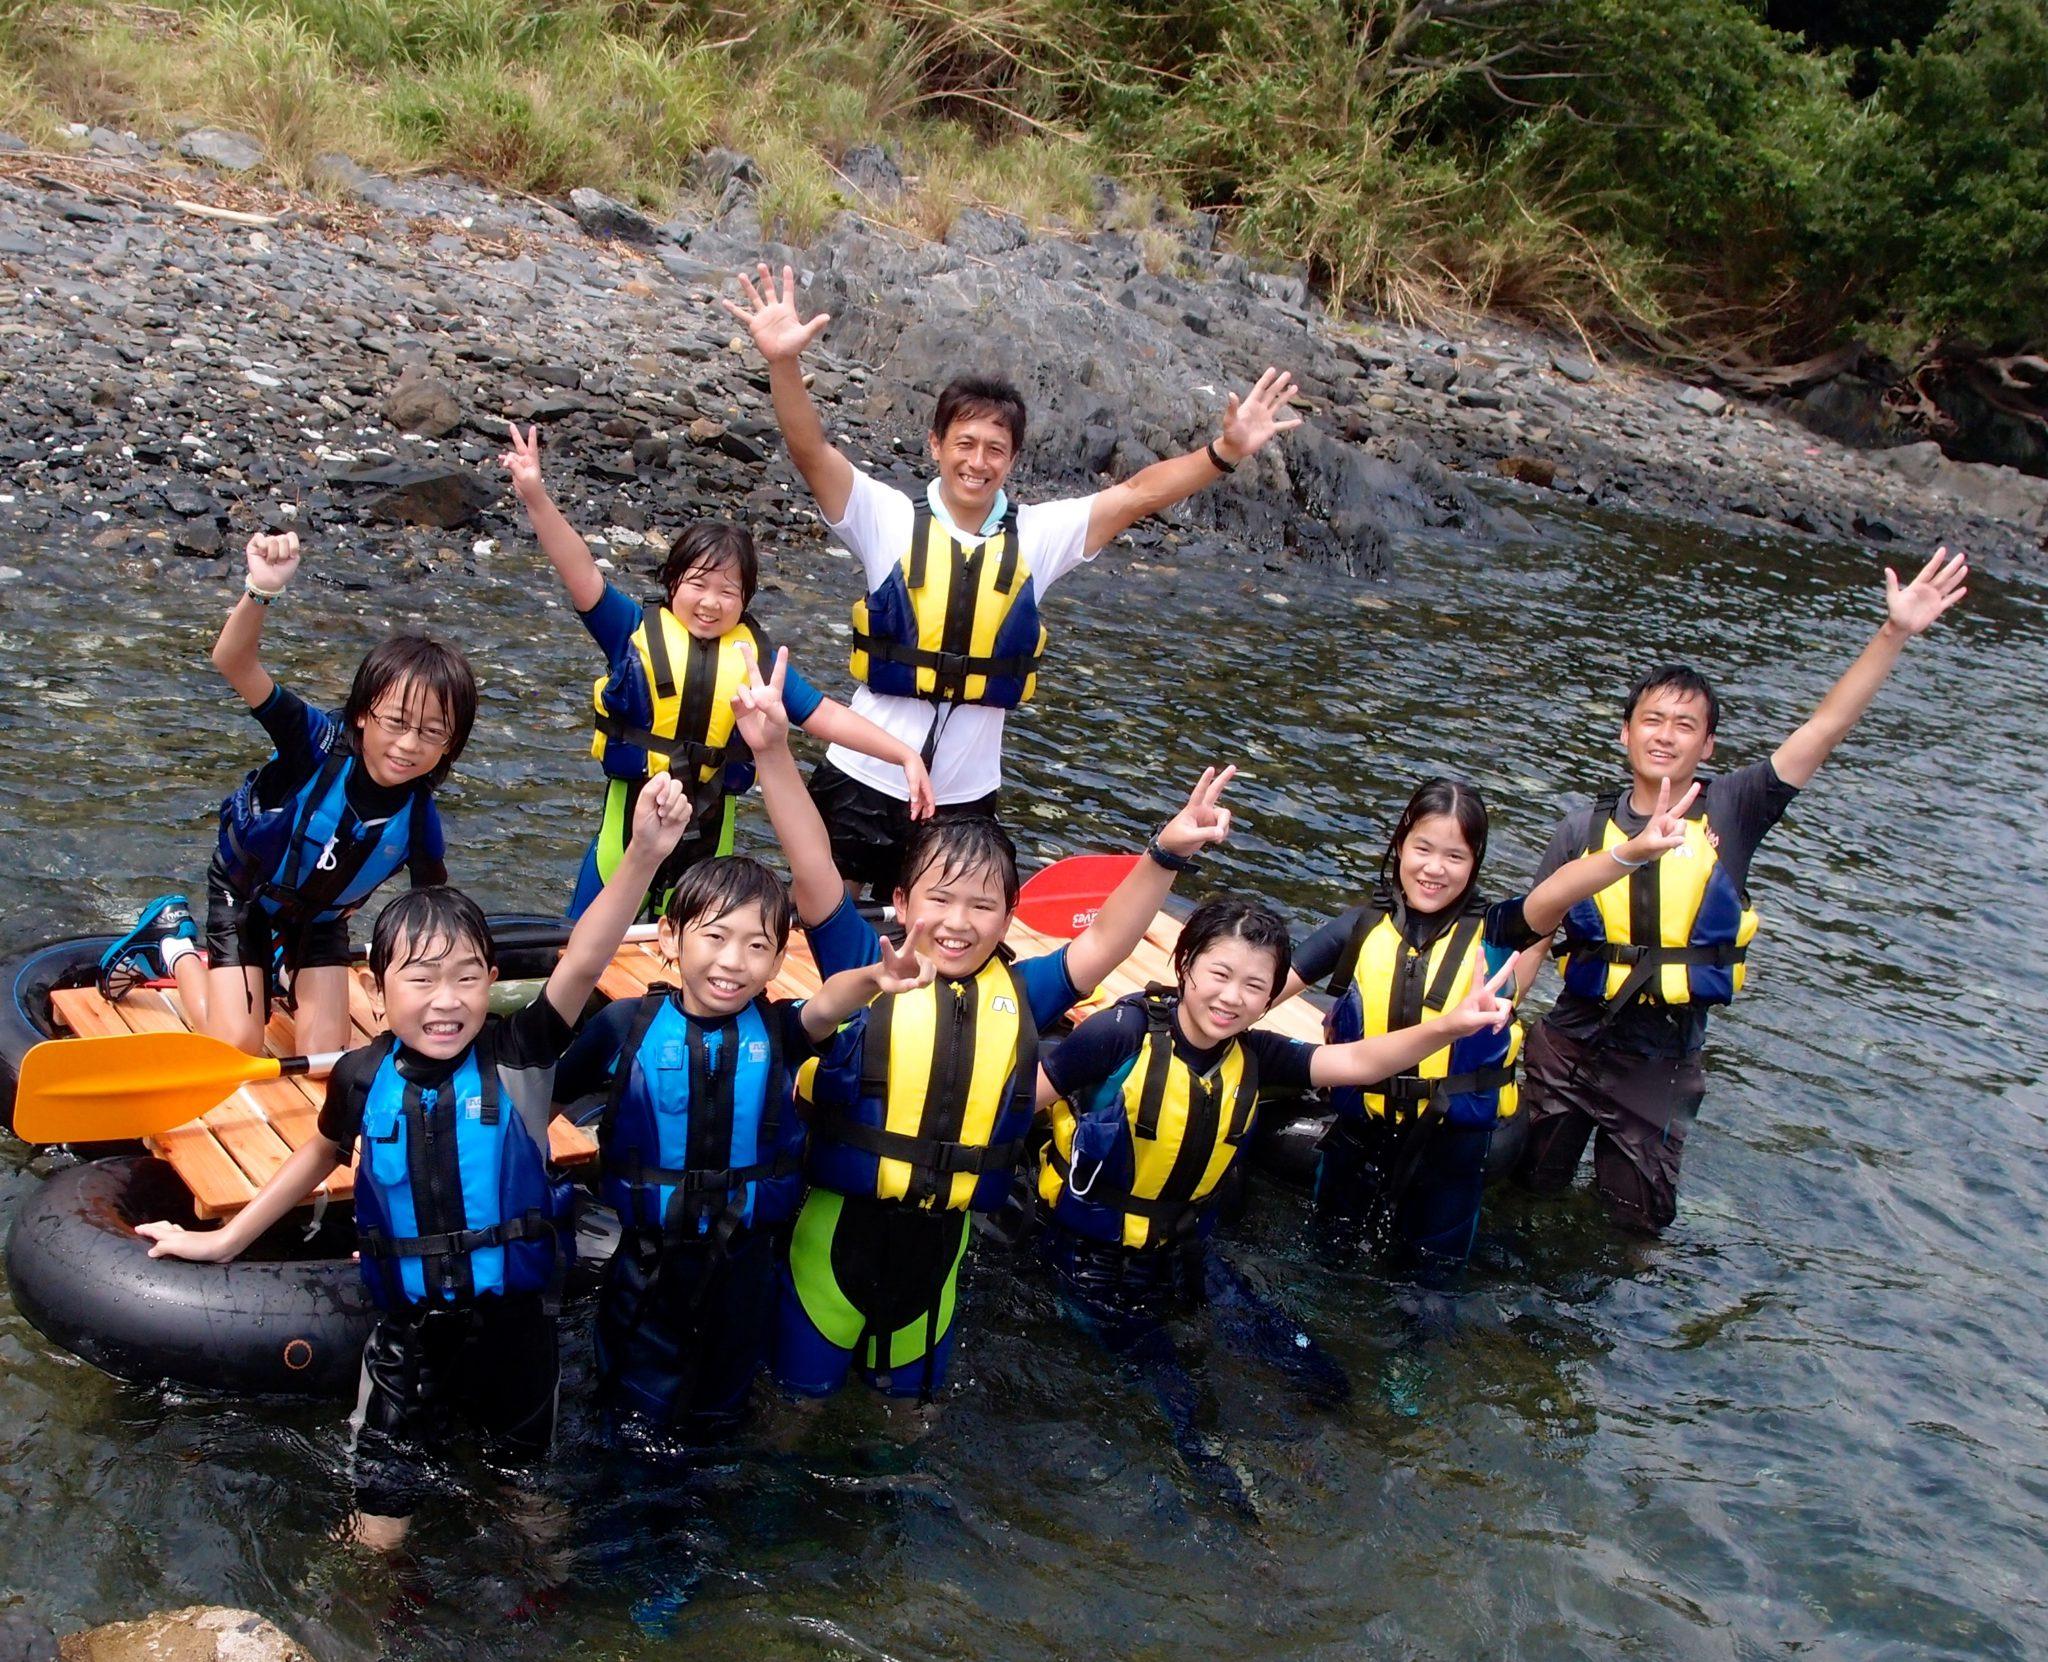 チャレンジワールド 冒険教育プログラム